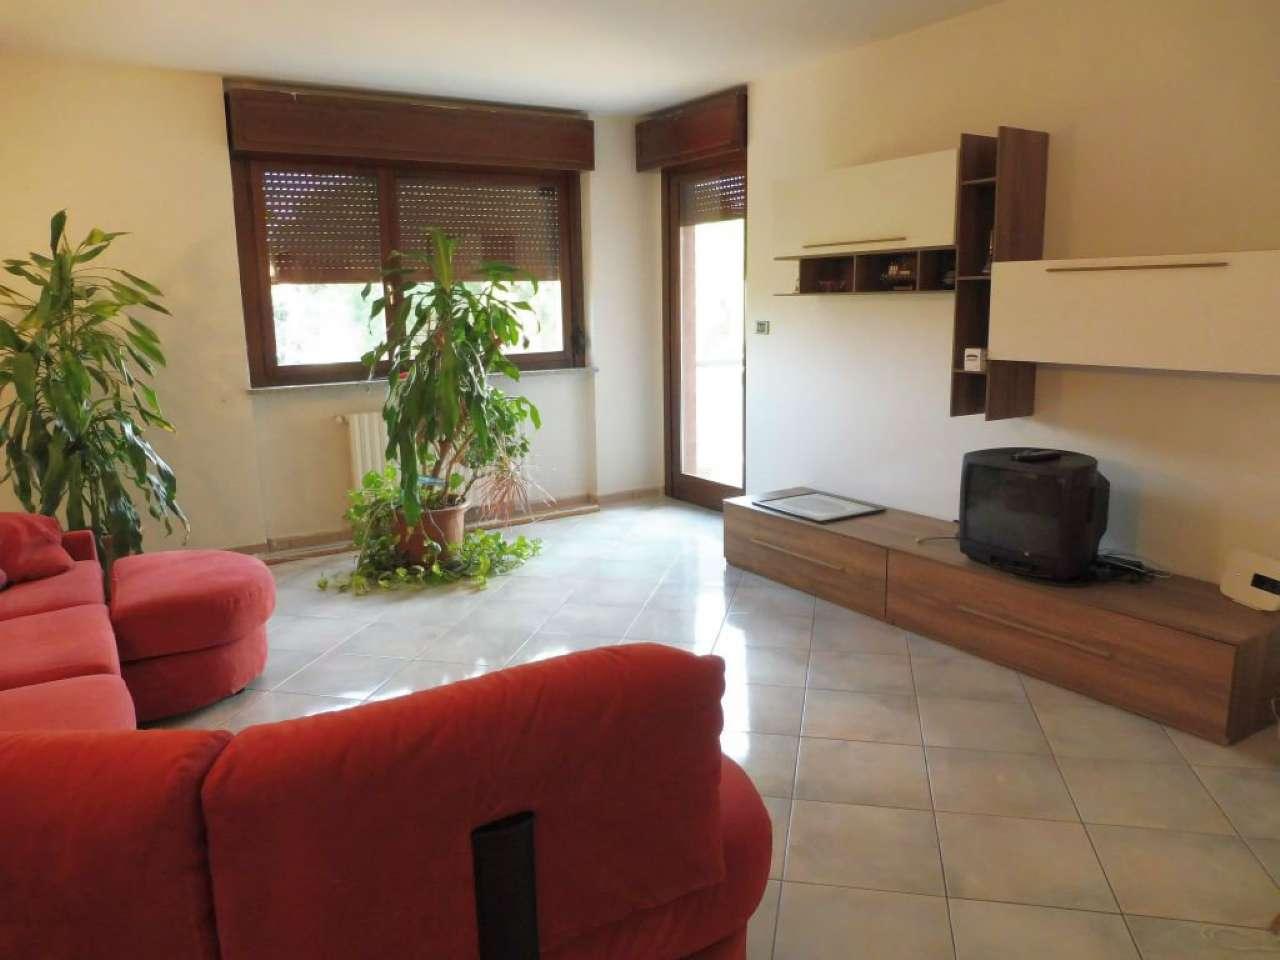 Appartamento in affitto a Alpignano, 4 locali, prezzo € 900 | CambioCasa.it